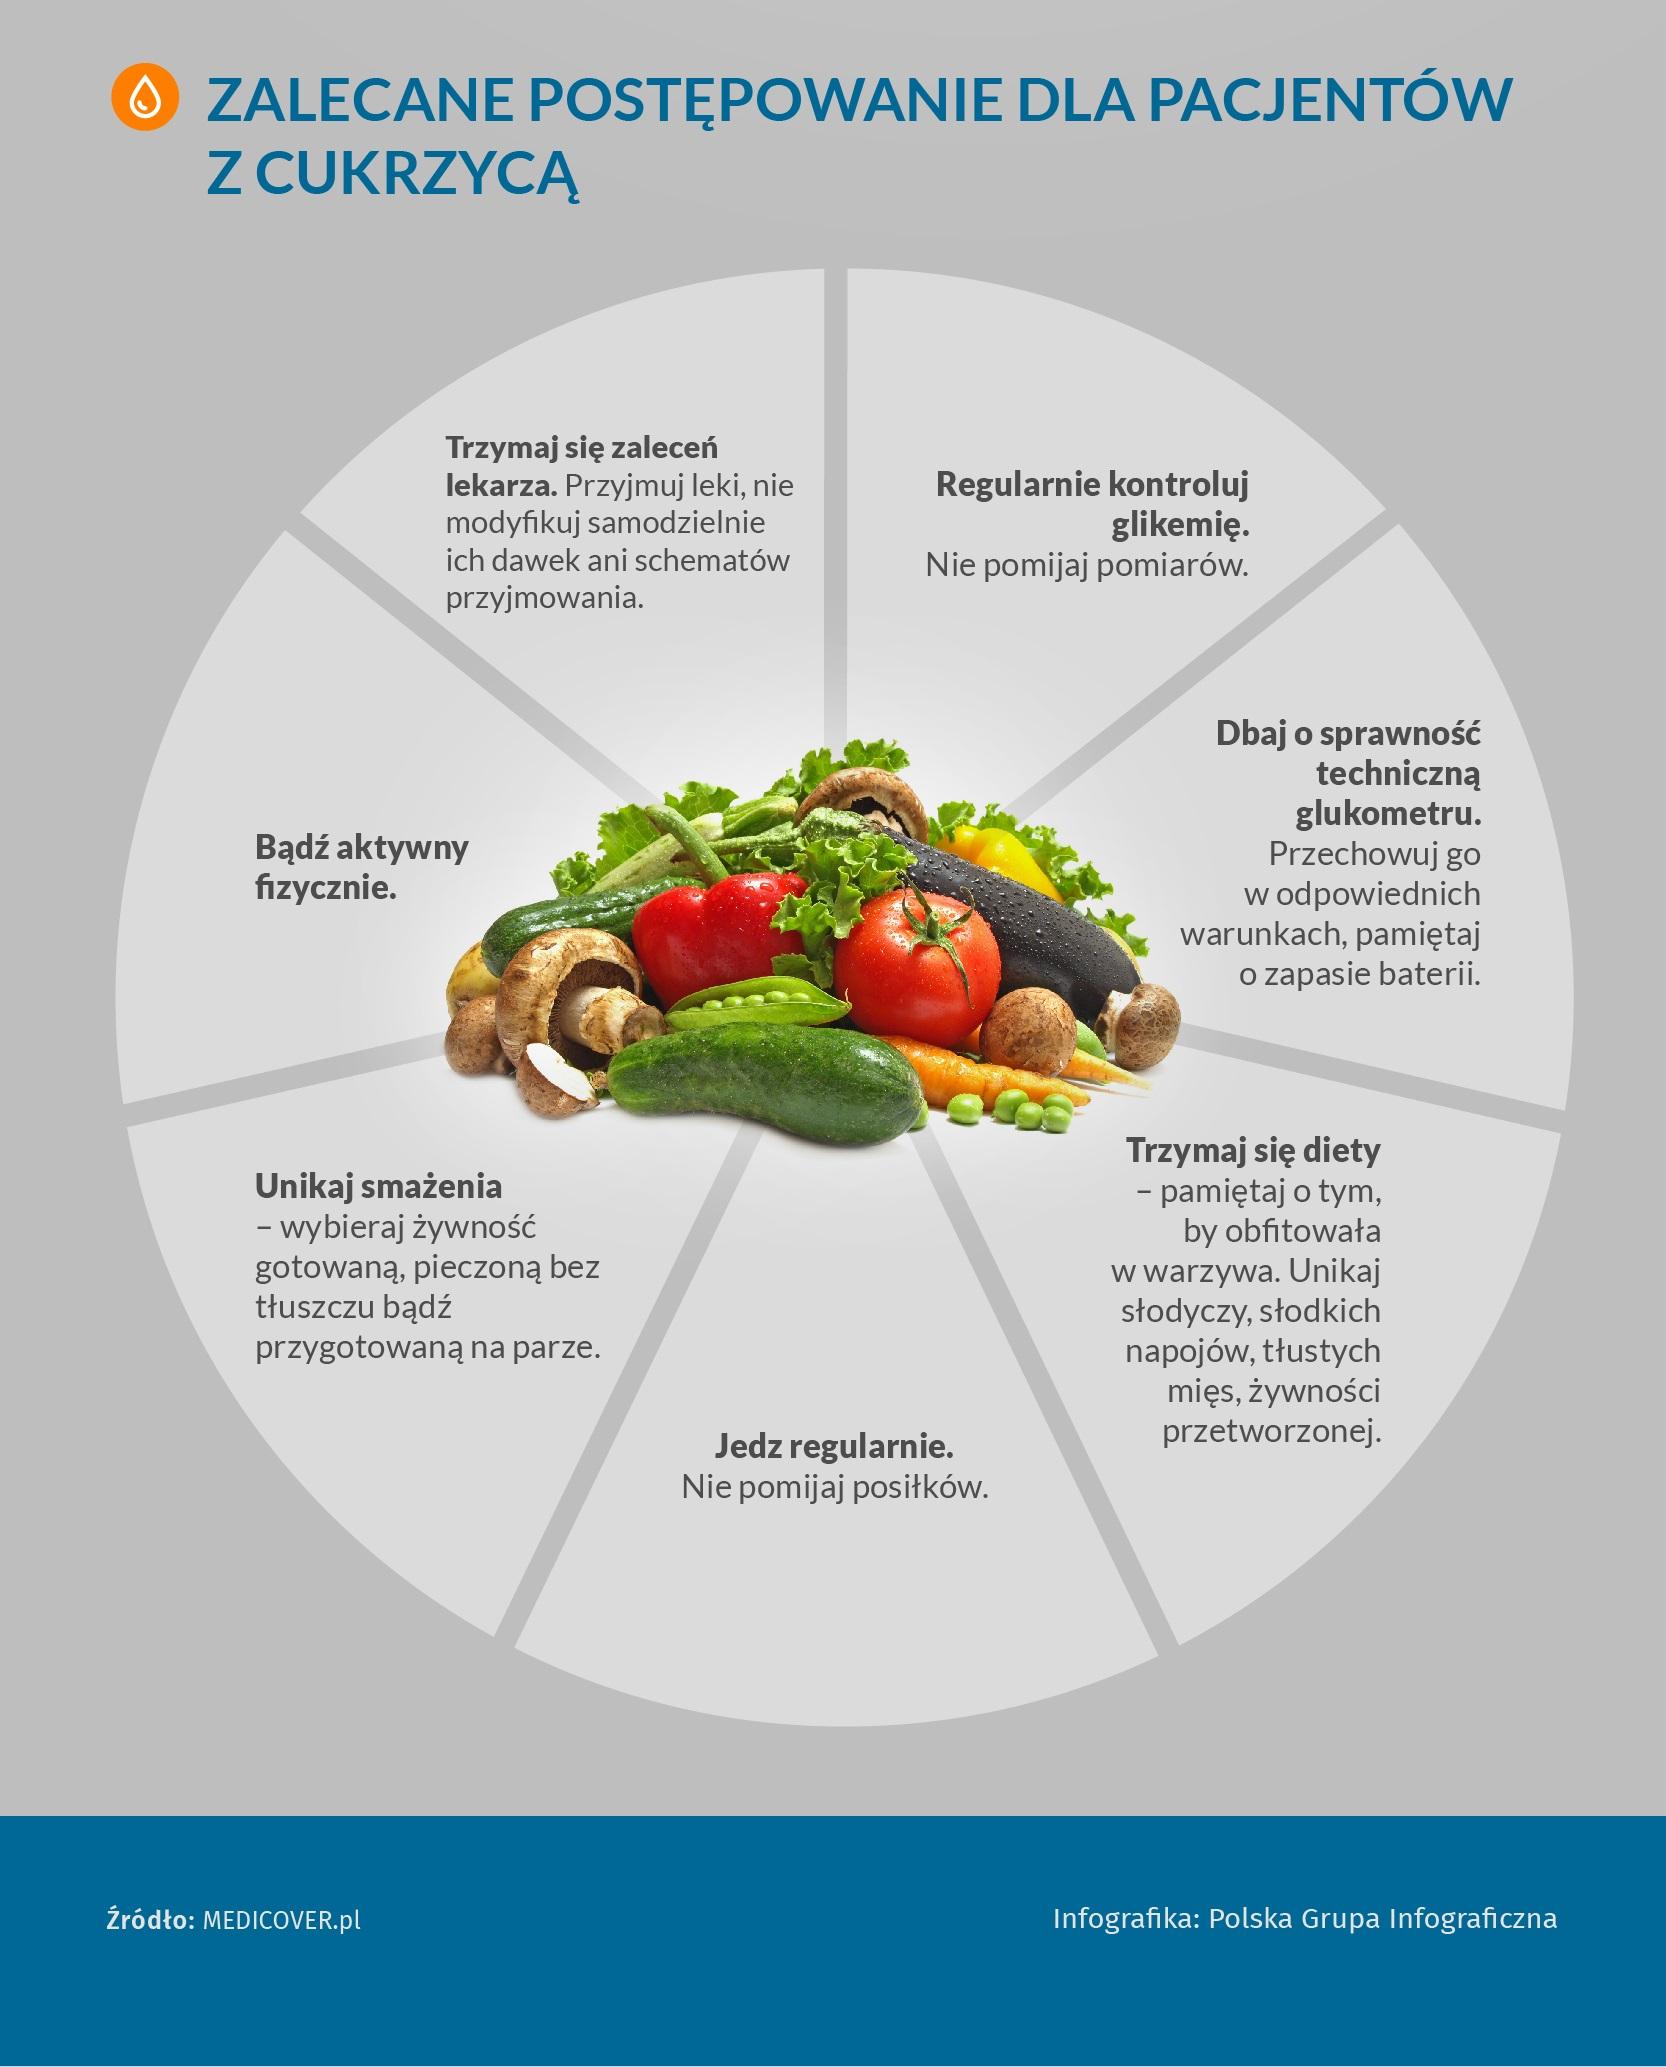 Jakie jest zalecane postępowanie uosób chorych na cukrzycę?